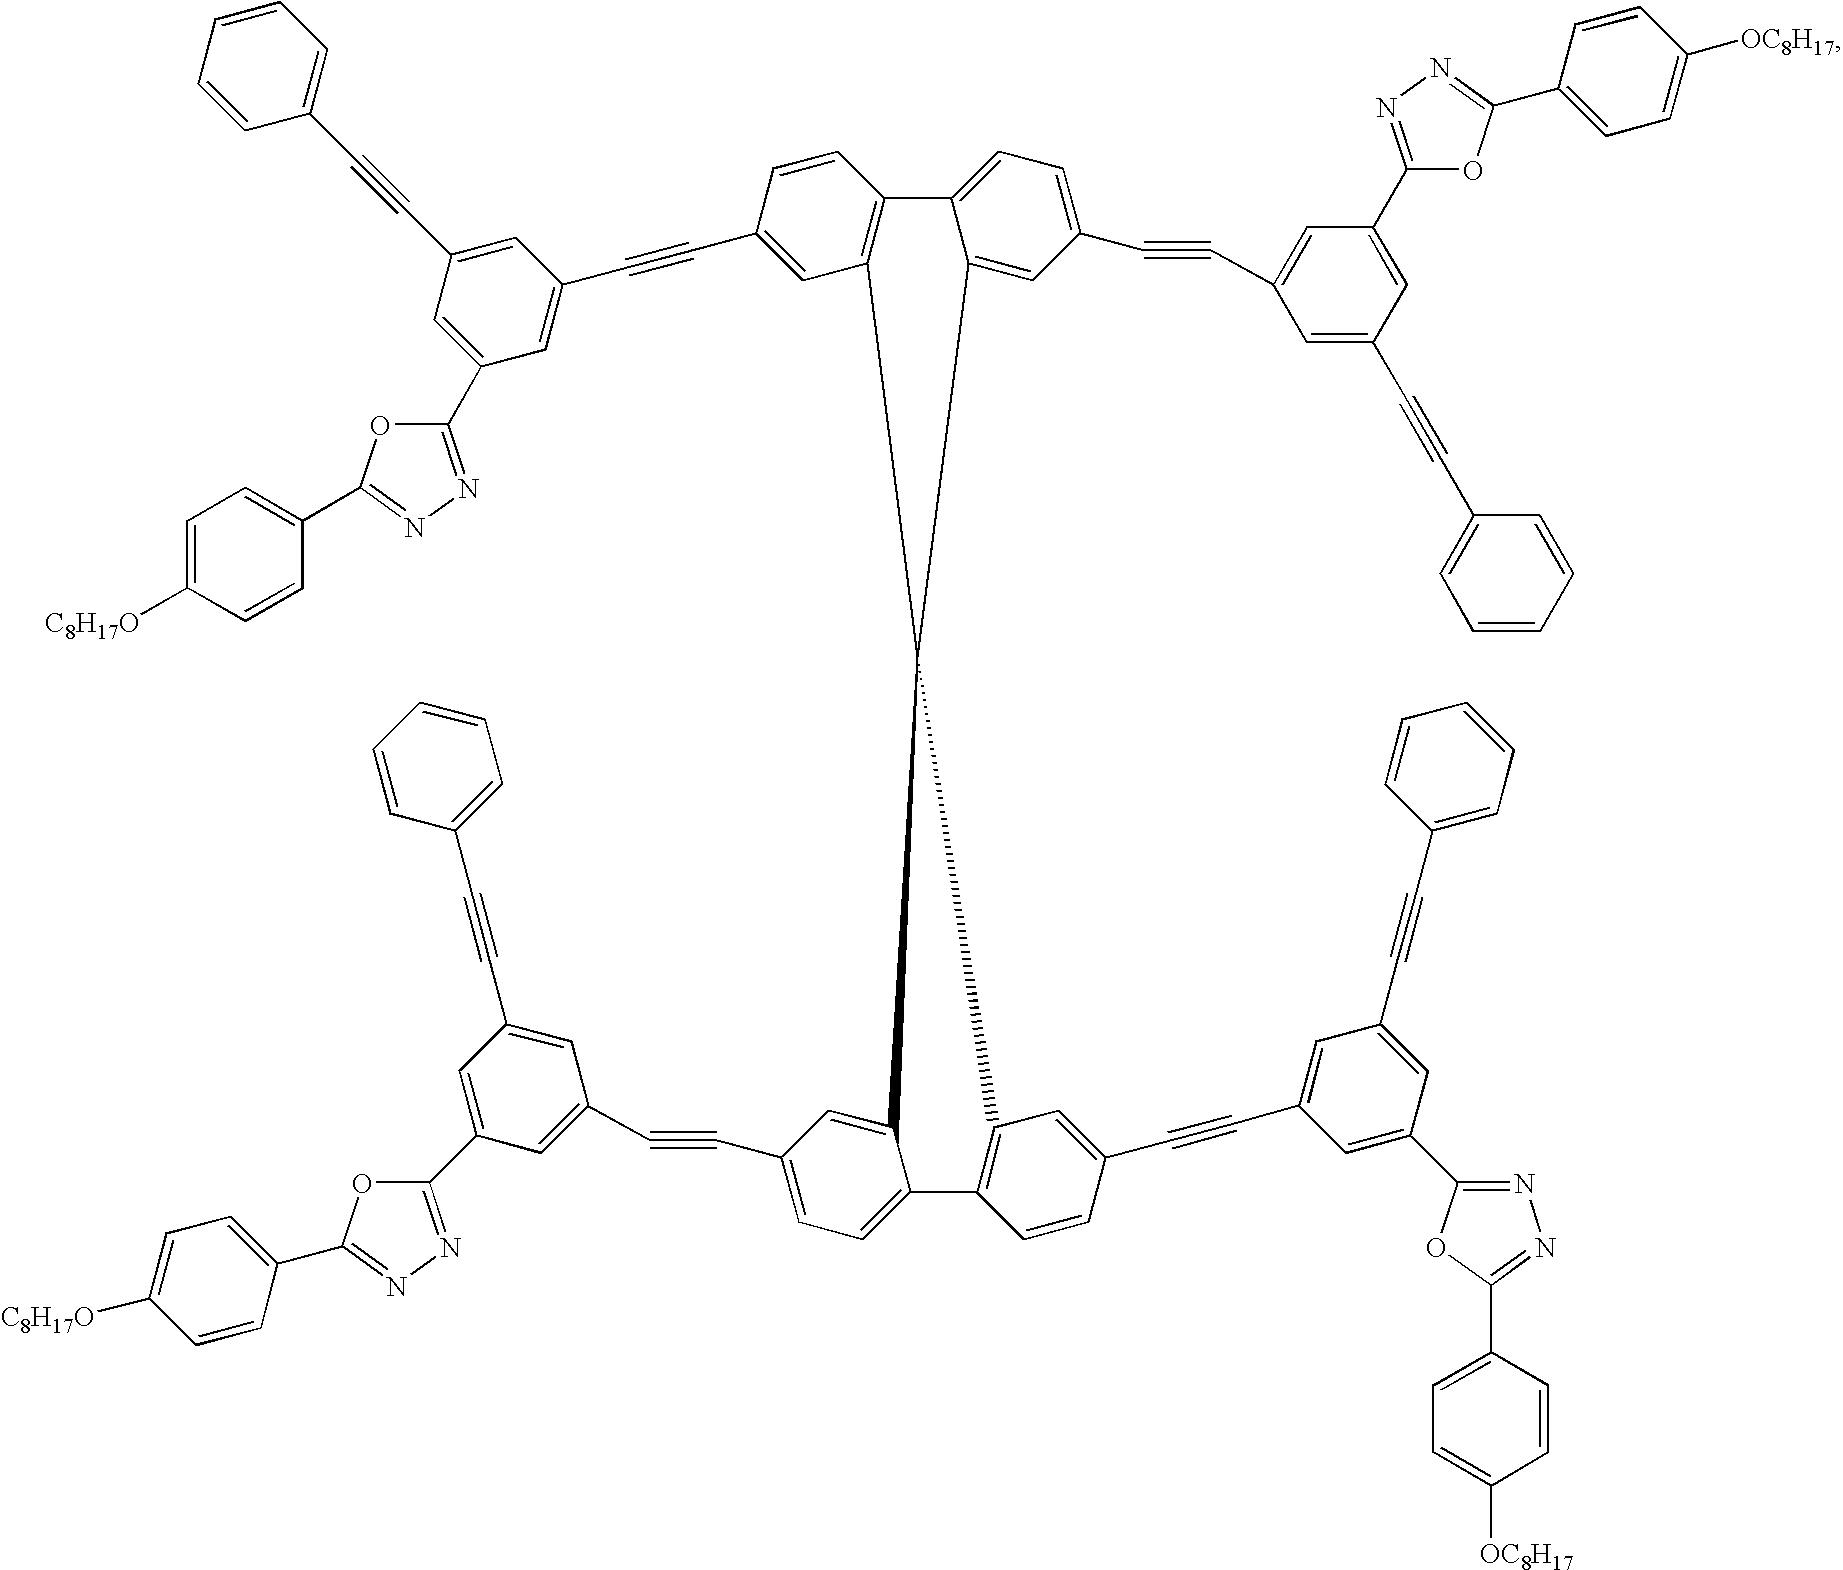 Figure US07192657-20070320-C00041